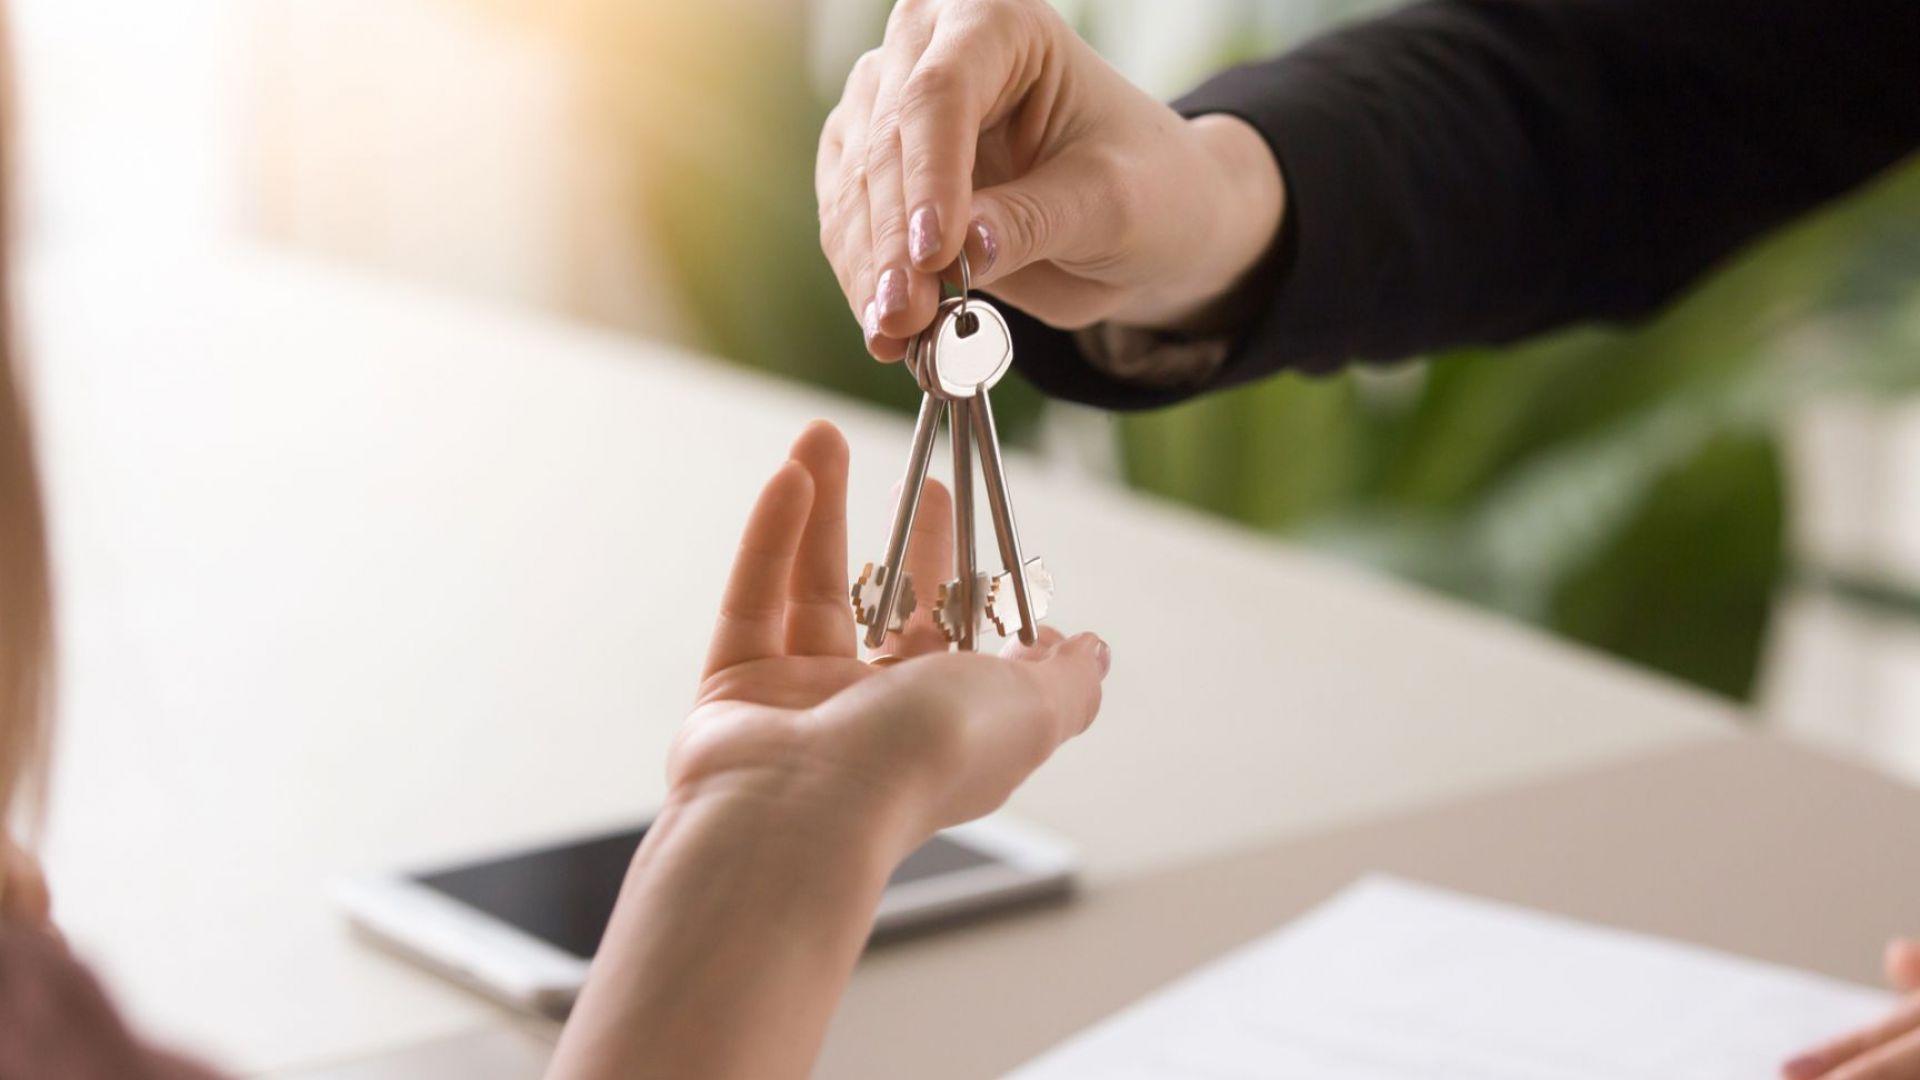 Таньо Марковски: ИТ специалистите са най-големите инвеститори в имоти в момента